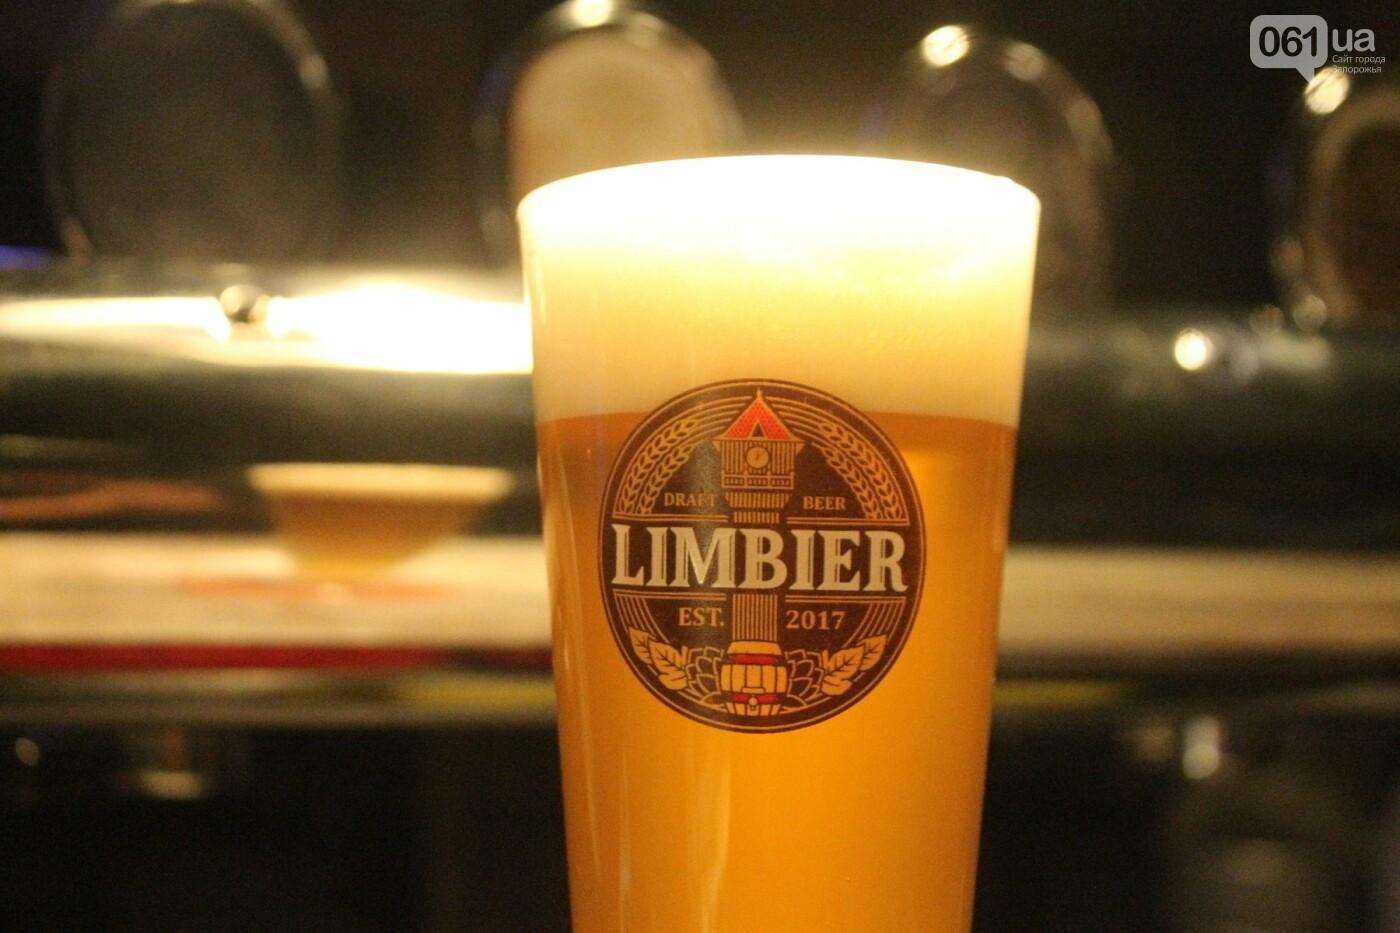 Как в Запорожье готовят крафтовое пиво «Limbier»: экскурсия на производство, – ФОТОРЕПОРТАЖ, фото-24